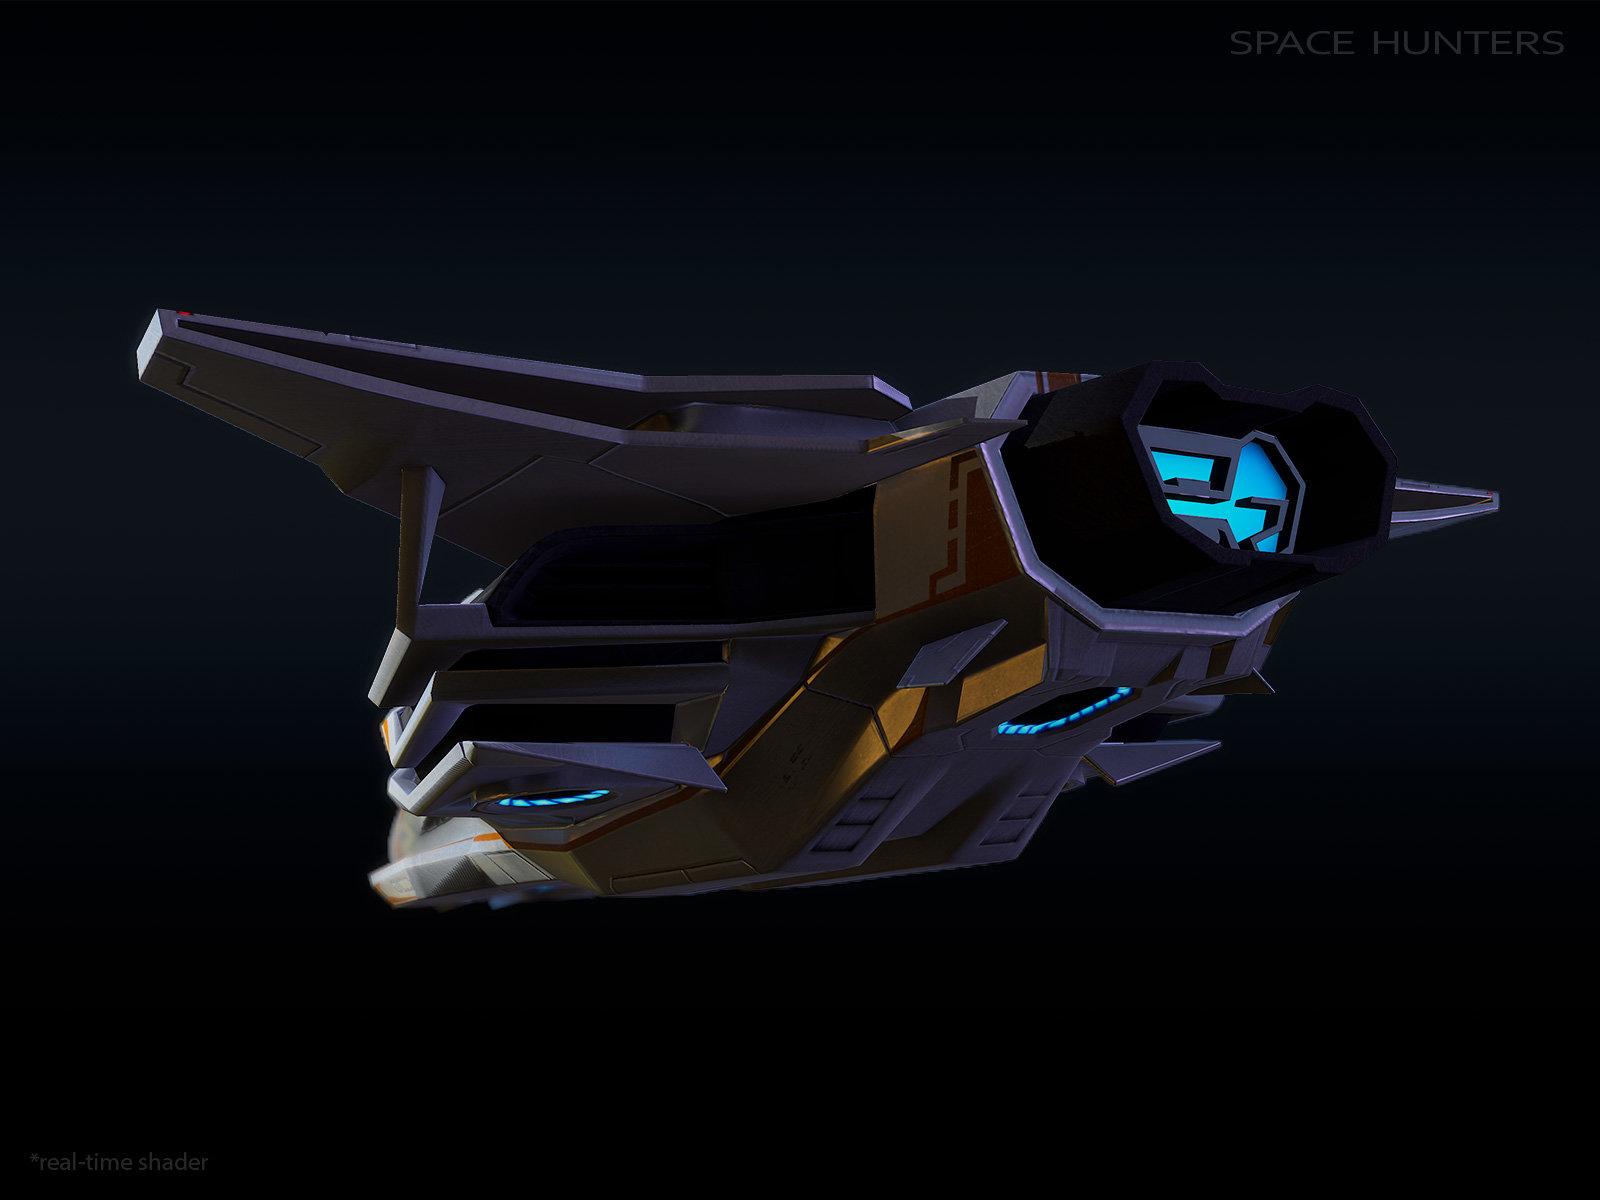 Demitry nemirovskiy spaceship1 2